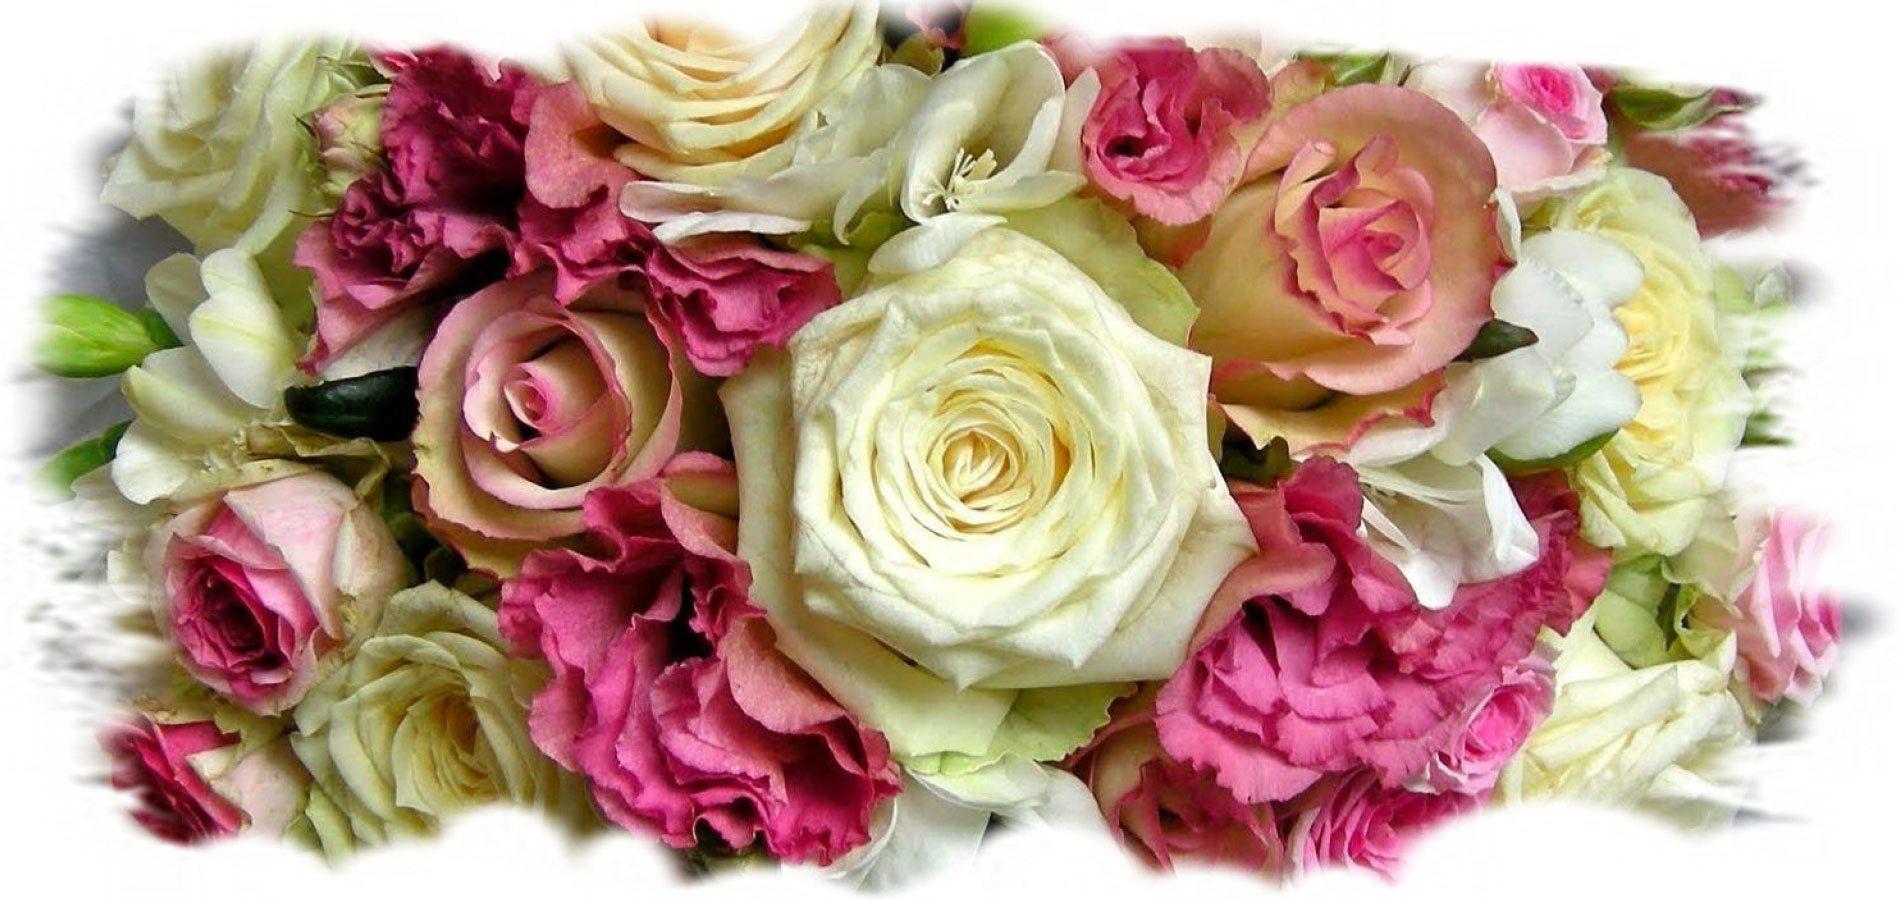 Цветы купить гомель